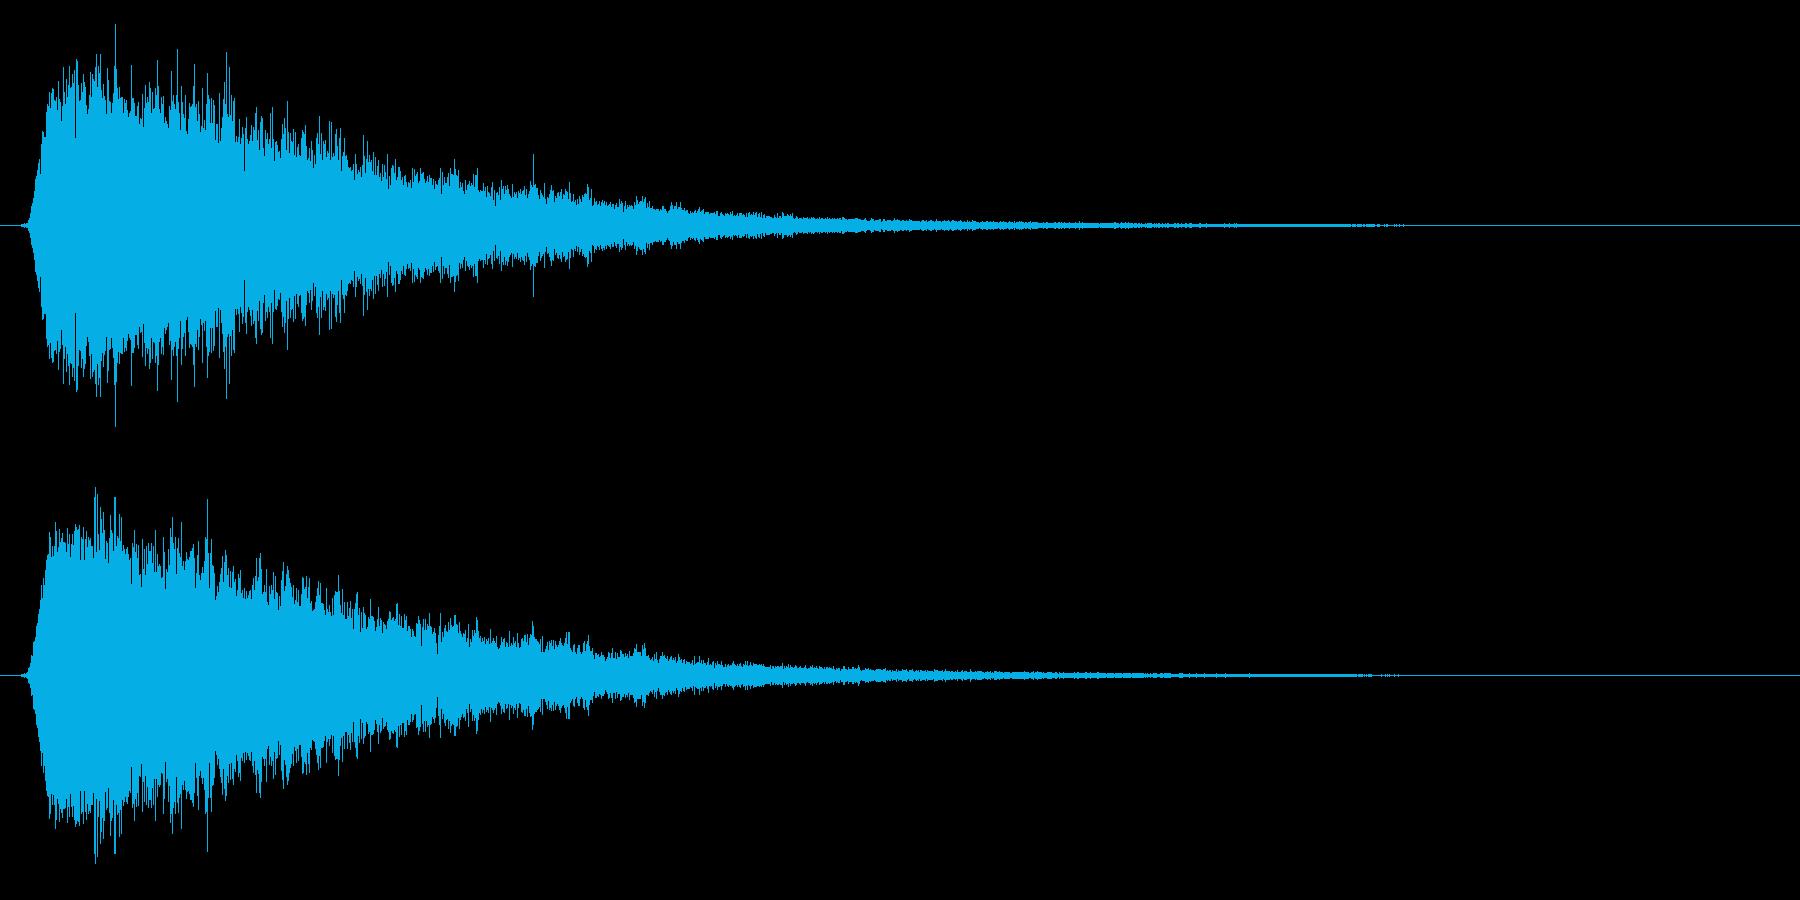 氷魔法/ゲーム/魔法エフェクトの再生済みの波形